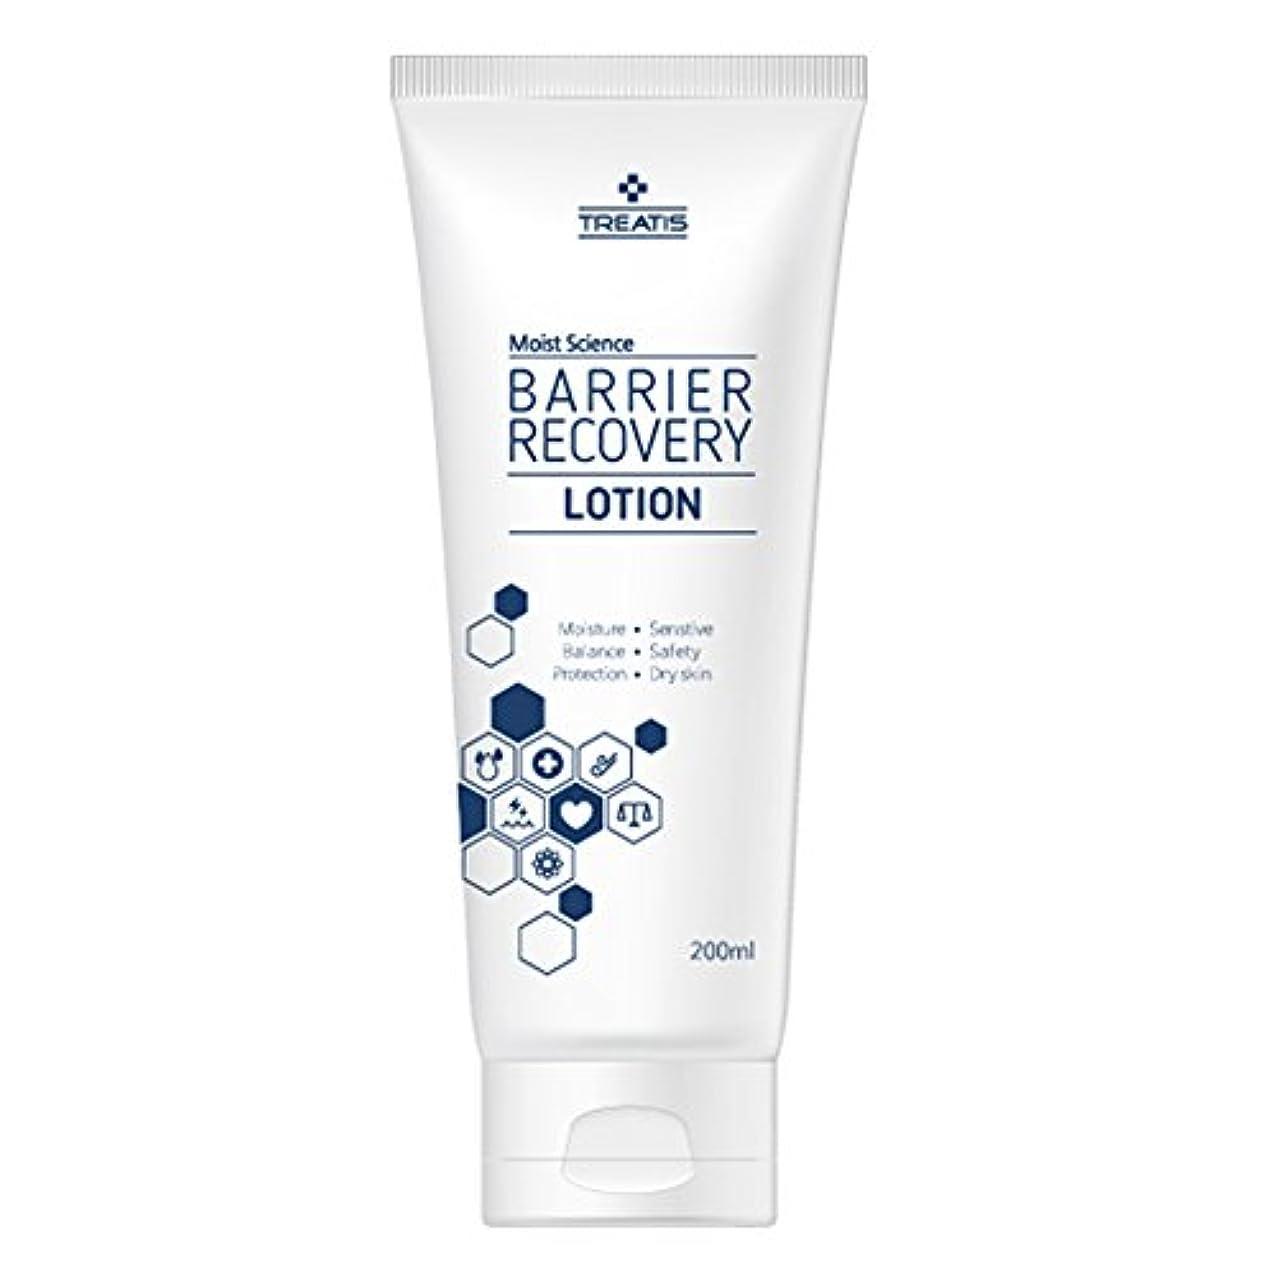 義務づけるいたずらソケットTreatis barrier recovery lotion 7oz (200ml)/Moisture, Senstive, Balance, Safty, Protection, Dry skin [並行輸入品]